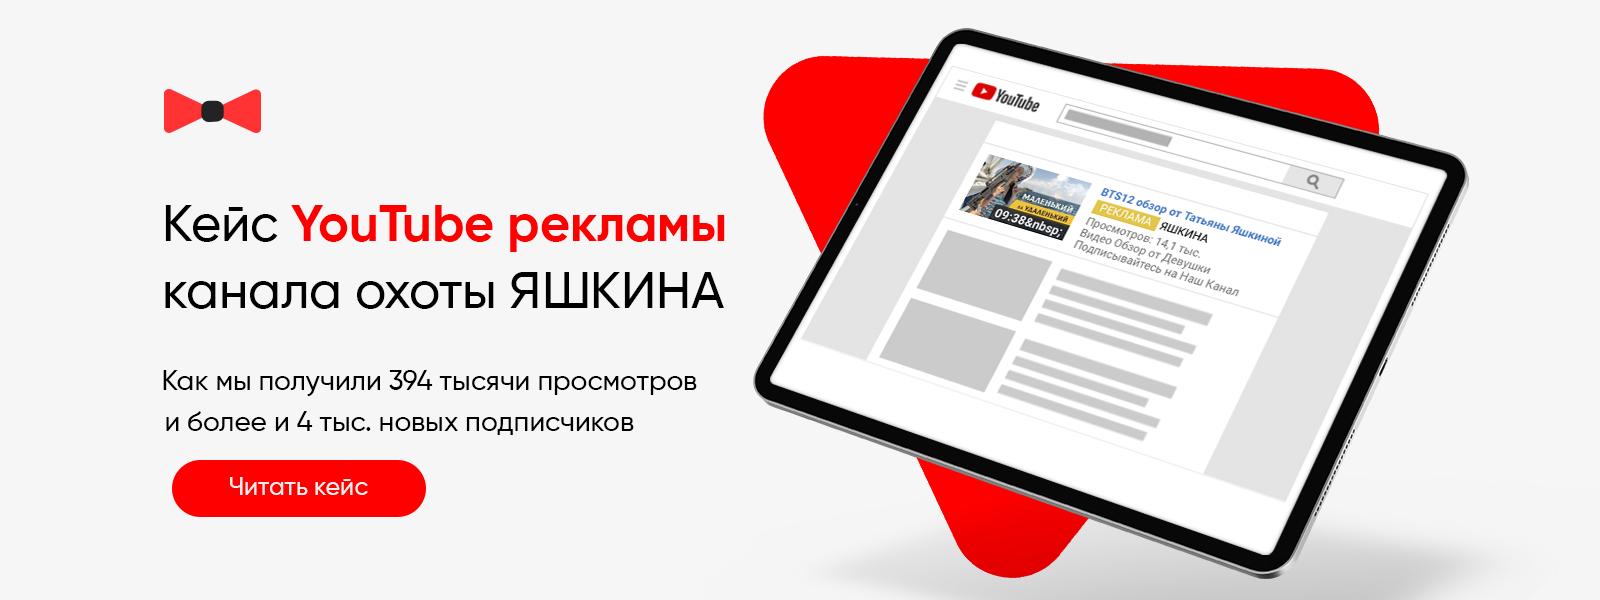 Кейс по привлечению 4к подписчиков на YouTube канал ЯШКИНА